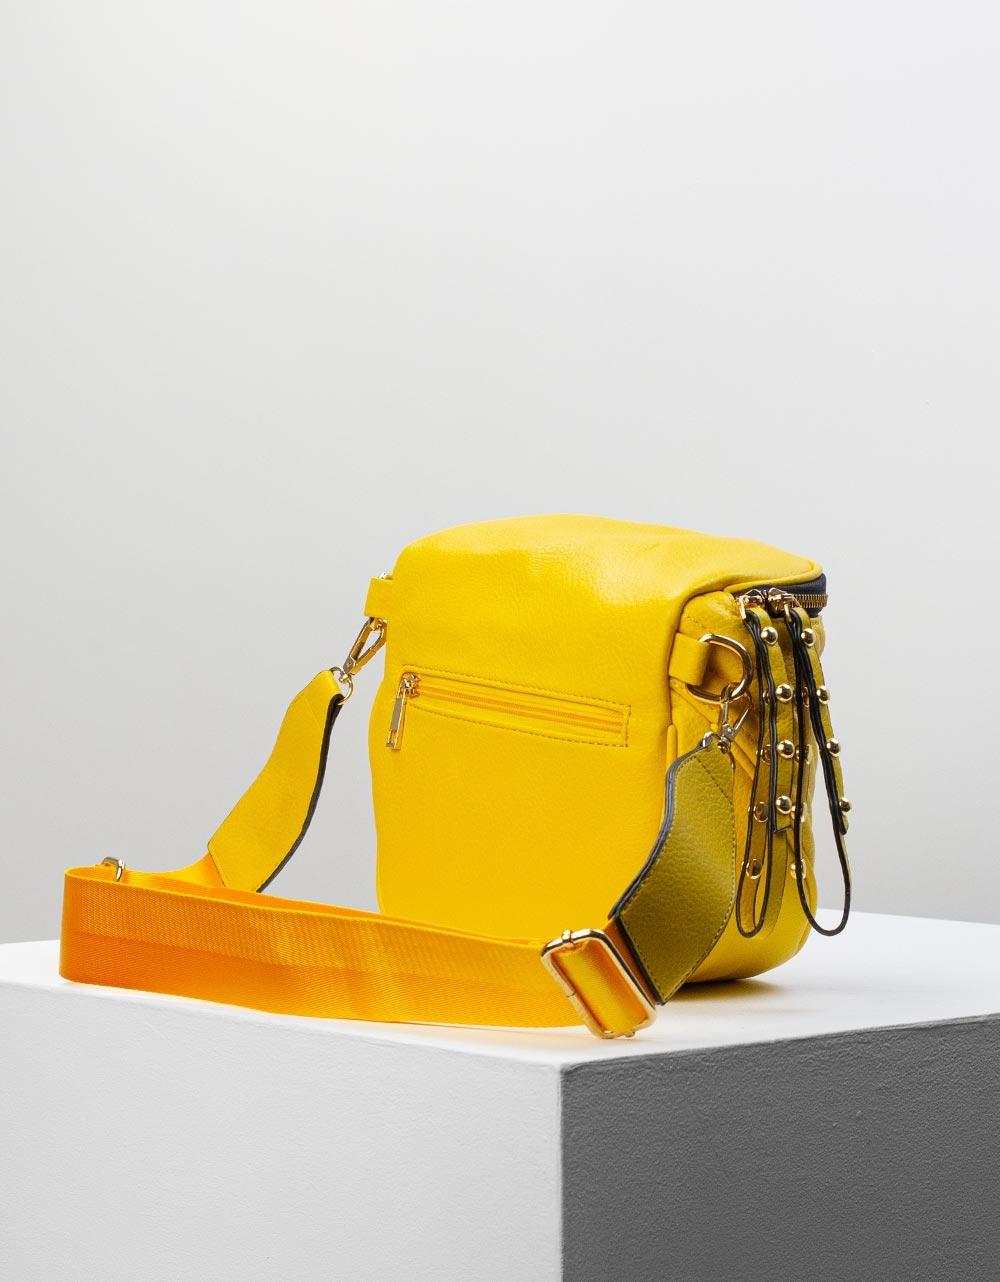 Εικόνα από Γυναικεία τσάντα ώμου & χιαστί με ανάγλυφο σχέδιο Κίτρινο